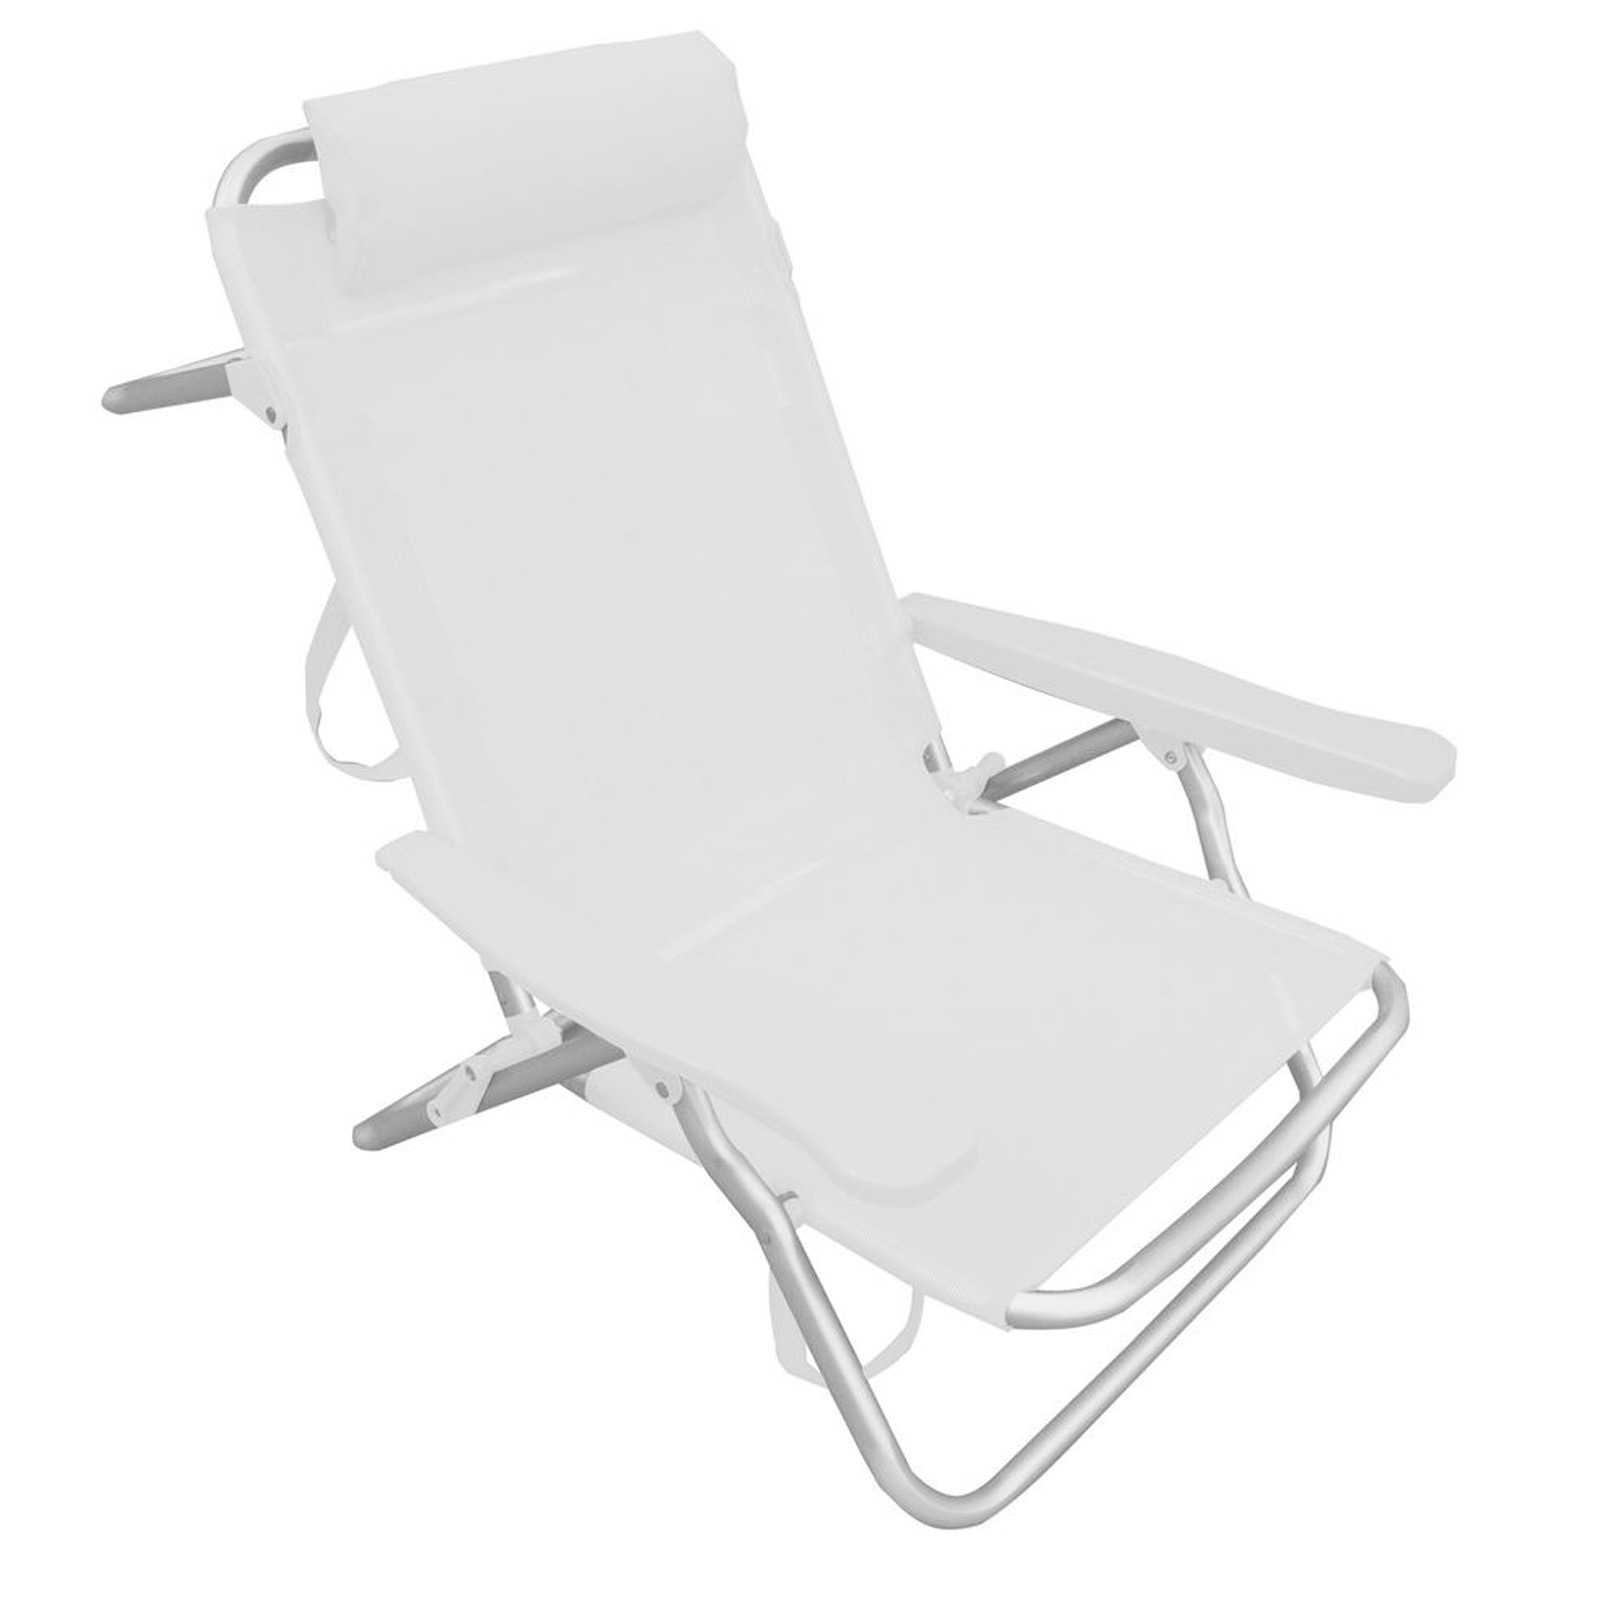 Spiaggina reclinabile 53x62x77h in tubolare di alluminio e rivestimento bianco